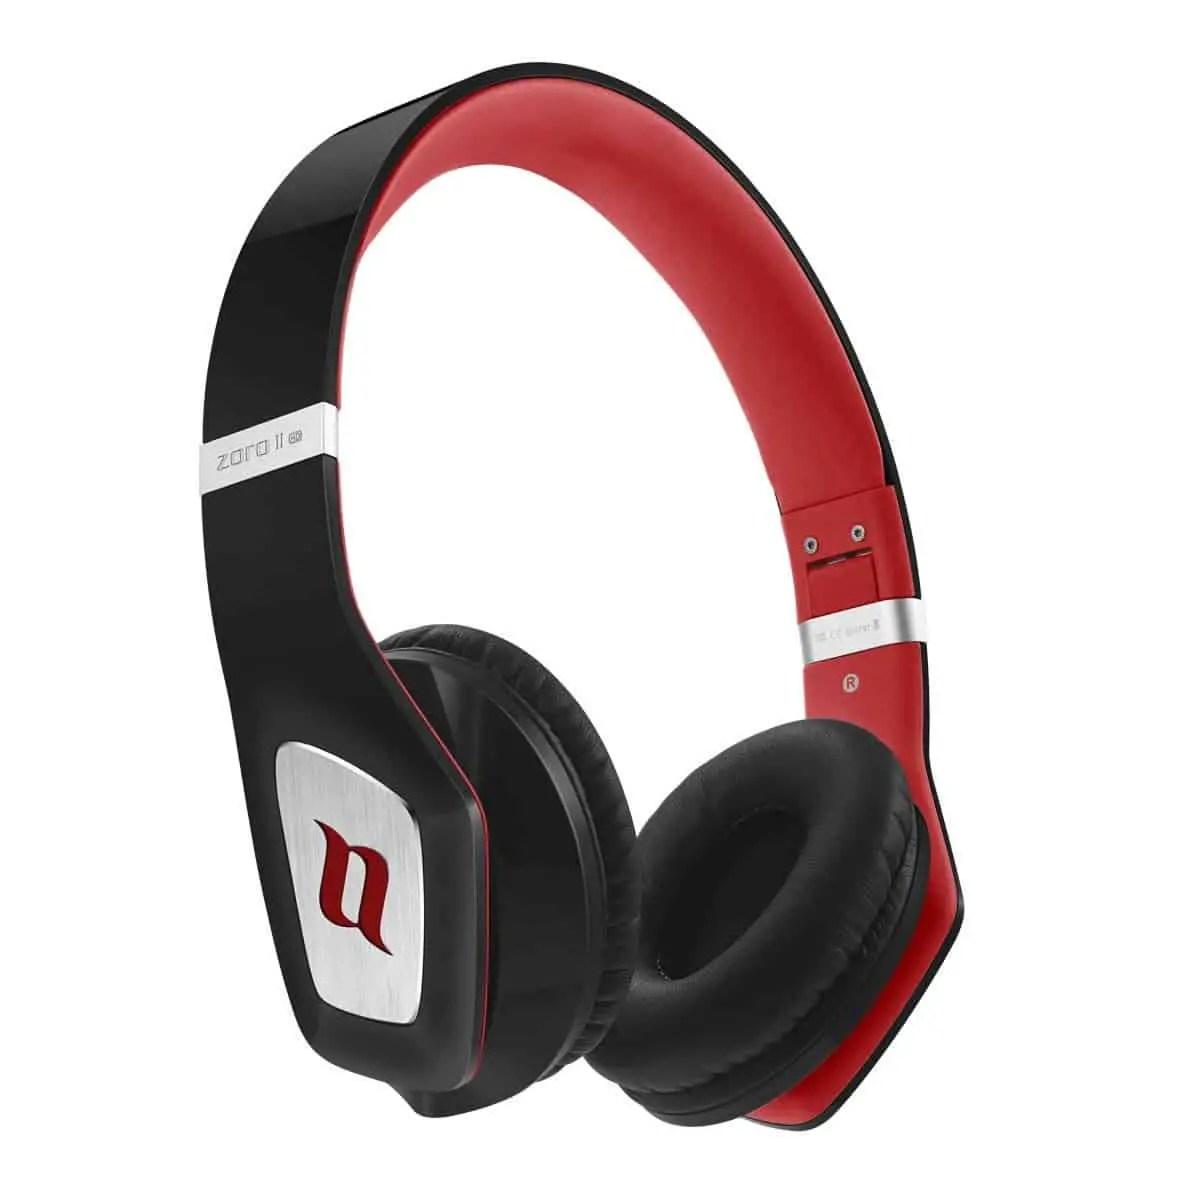 Noontec ZORO II HD Headphone Review